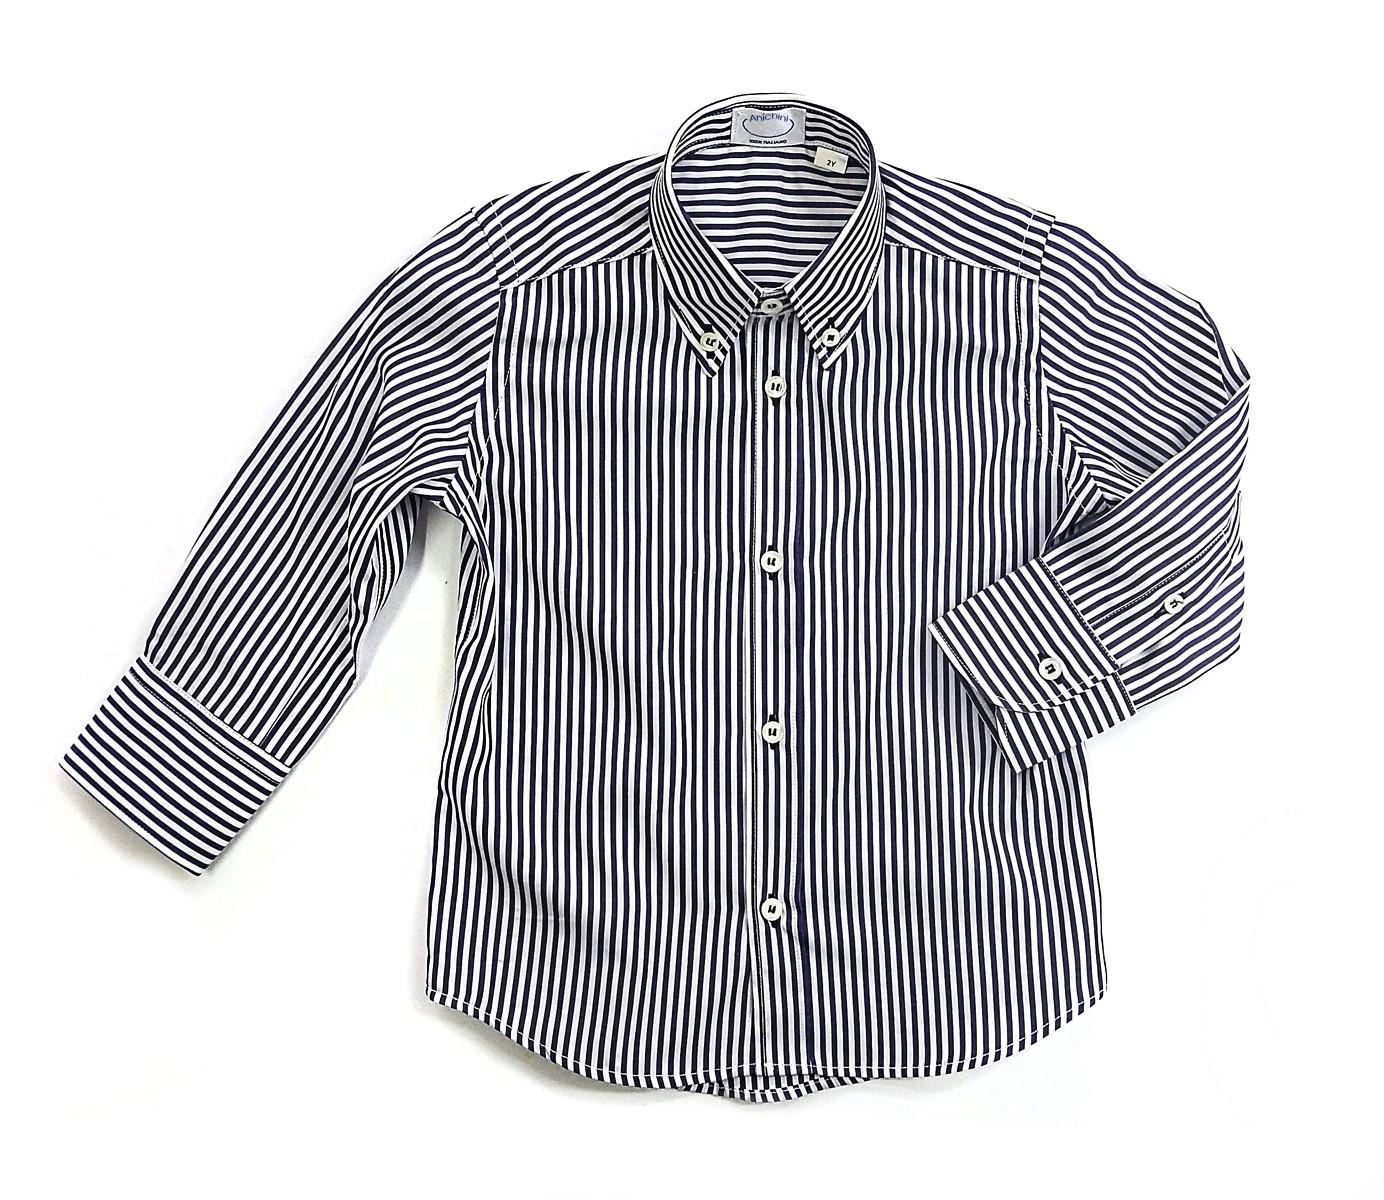 Camicia sartoriale per bambino button down Ascanio